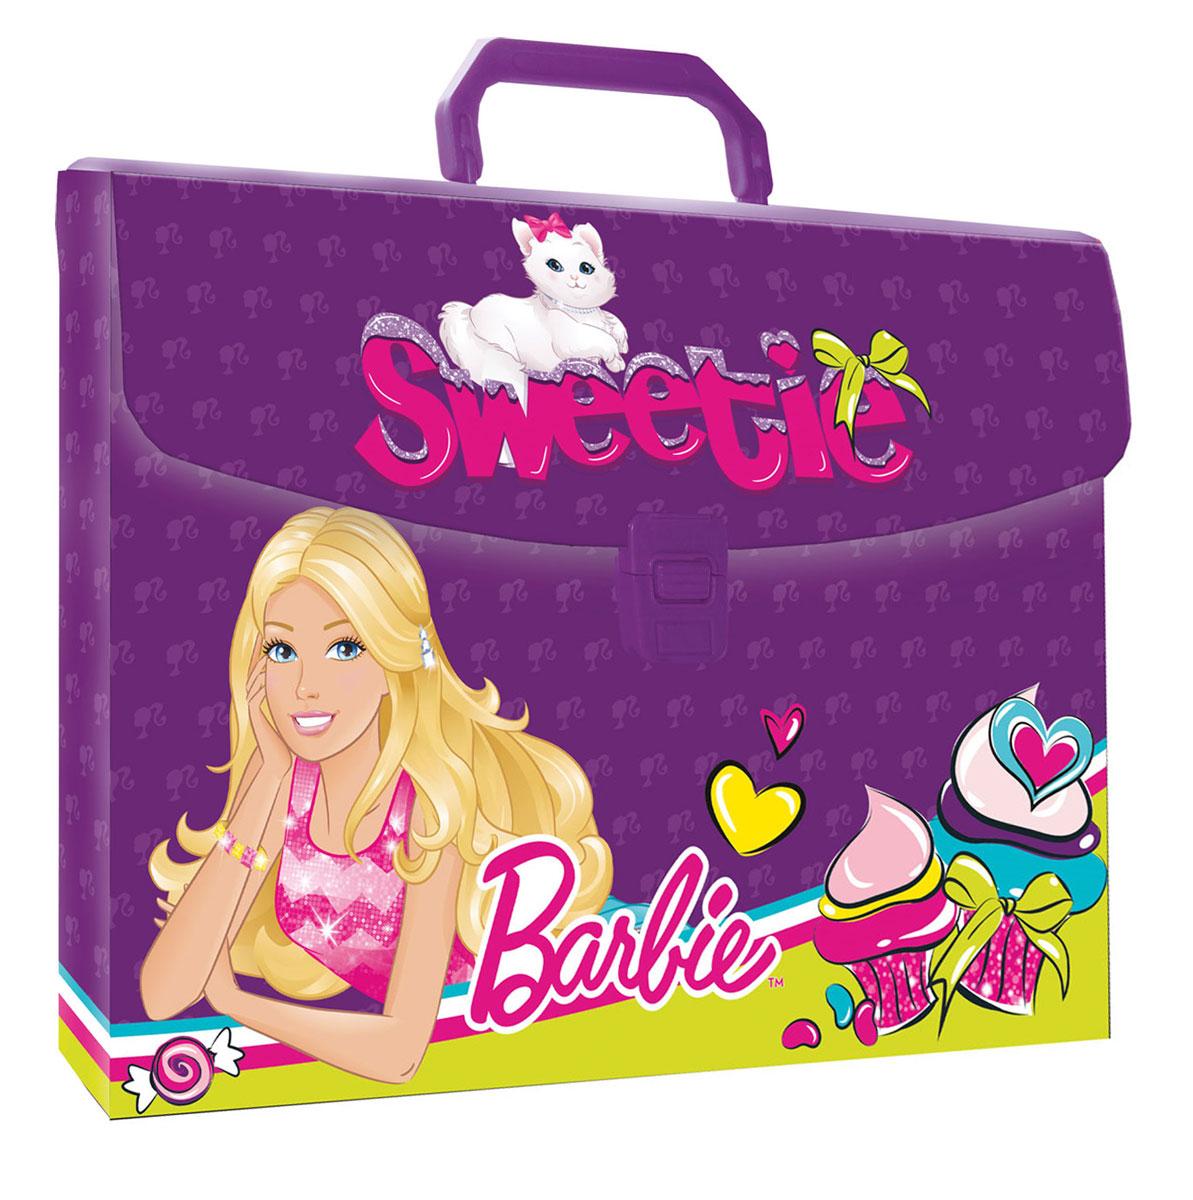 Папка-портфель Barbie. Формат А4BRCB-US1-PLB-FB65Легкая папка-портфель Barbie - удобный и практичный вариант для транспортировки и хранения различных бумаг и вещей максимального формата А4. Папка прямоугольной формы выполнена из прочного полипропилена и оформлена изображениями куклы Барби, любимой игрушки многих девочек. Папка-портфель содержит одно вместительное отделение и закрывается с помощью пластиковой защелки. Надежная пластиковая ручка делает транспортировку школьных принадлежностей максимально комфортной и удобной.